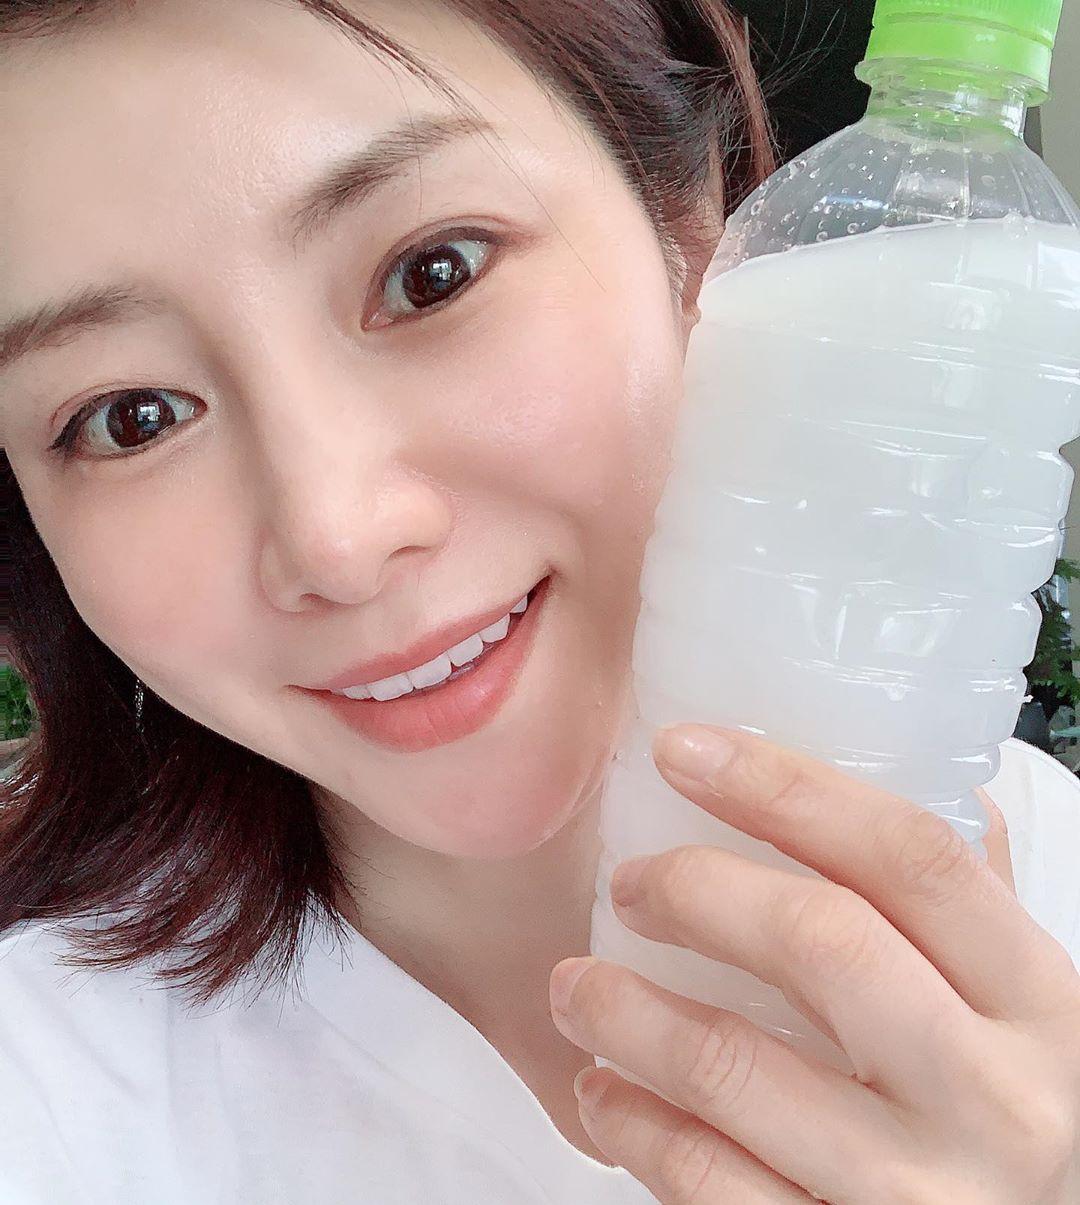 Rửa mặt theo cách của phụ nữ Nhật, Thiều Bảo Trang khoe thành quả da căng mịn, trắng như phát sáng ở tuổi 29 - Ảnh 9.